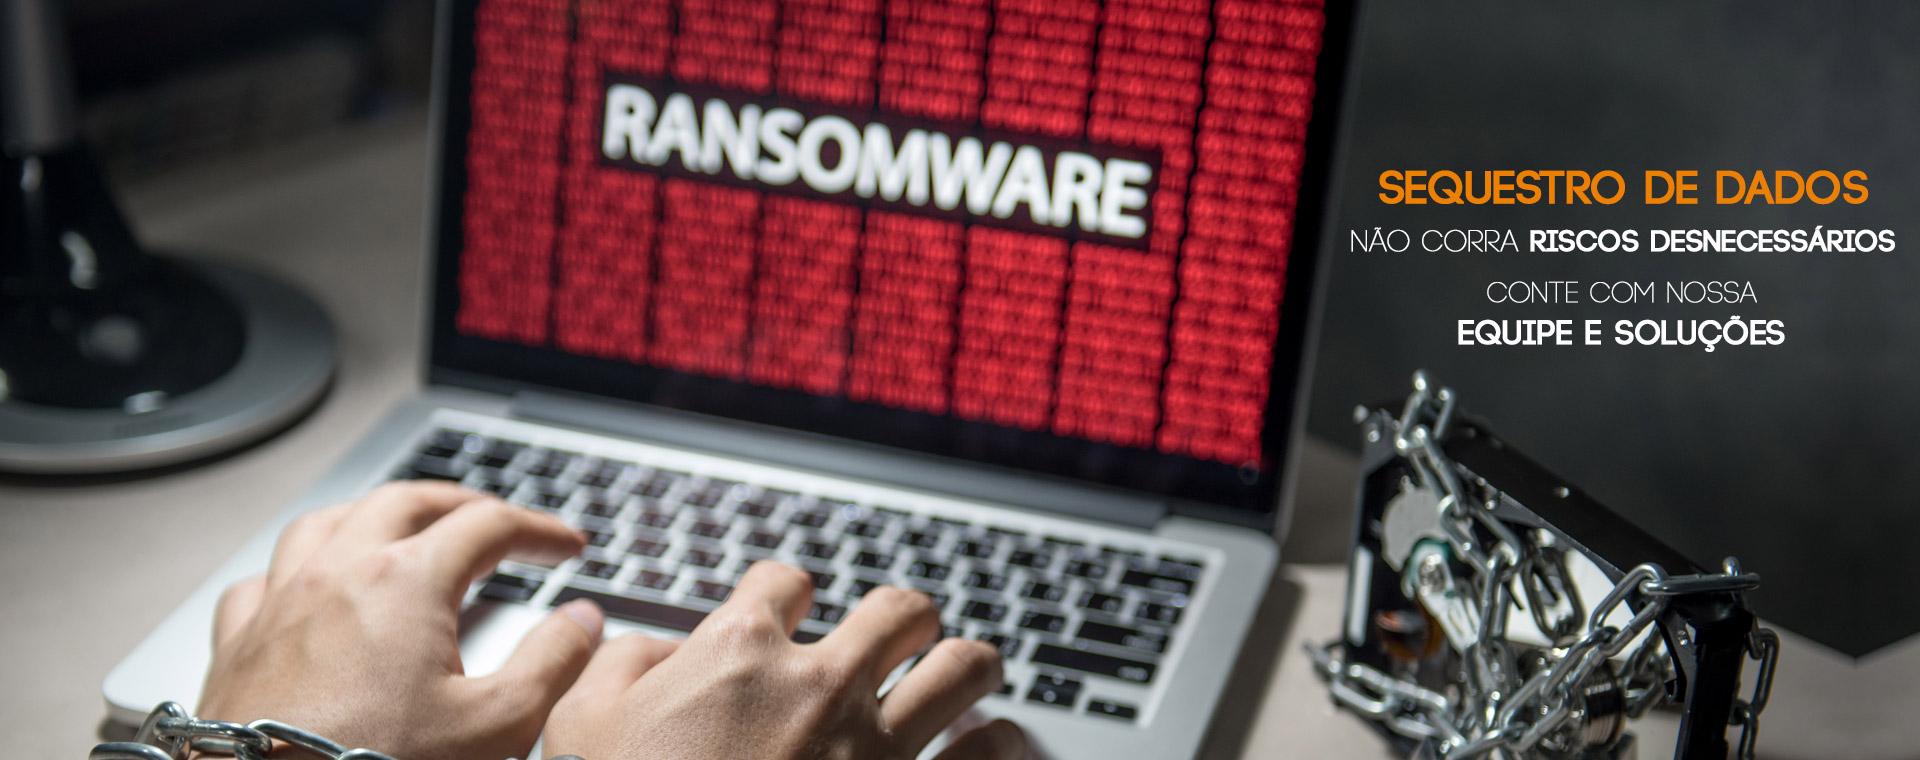 Sequestro de Dados – conte com nossa equipe e soluções